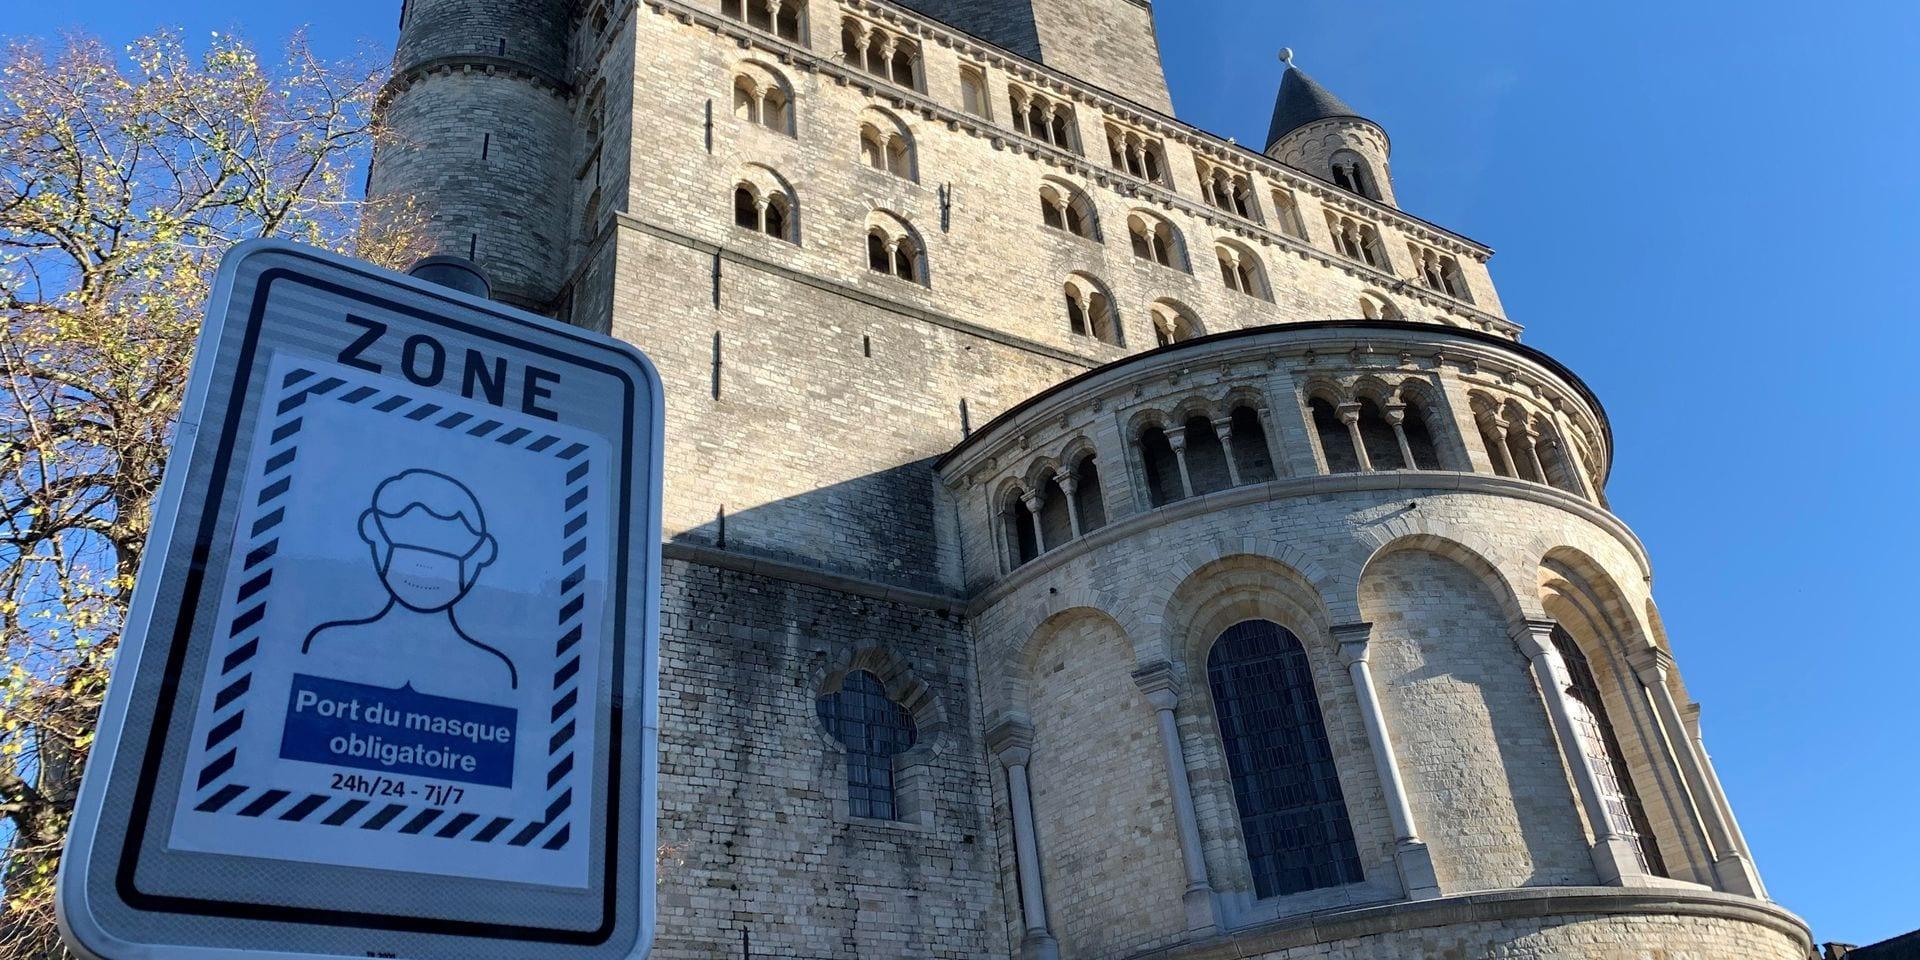 Le port du masque ne sera plus obligatoire dans le centre-ville de Nivelles dès mercredi